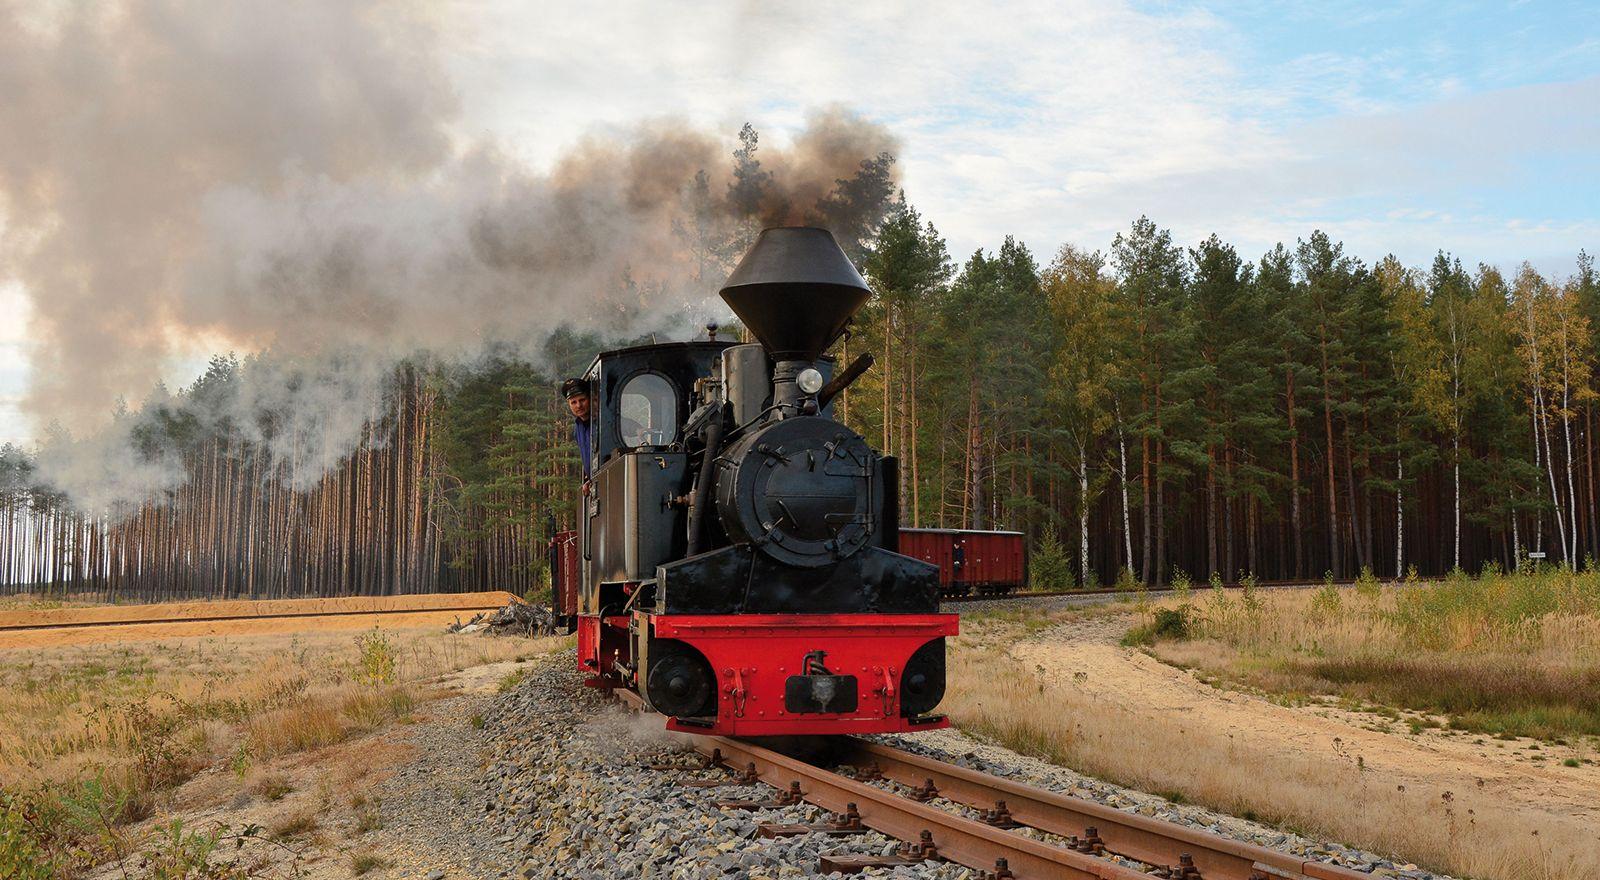 Dampflokomotive Diana der Waldeisenbahn Muskau bei einer Sonderfahrt durch den Tagebau Nochten durch den Geopark Muskauer Faltenbogen